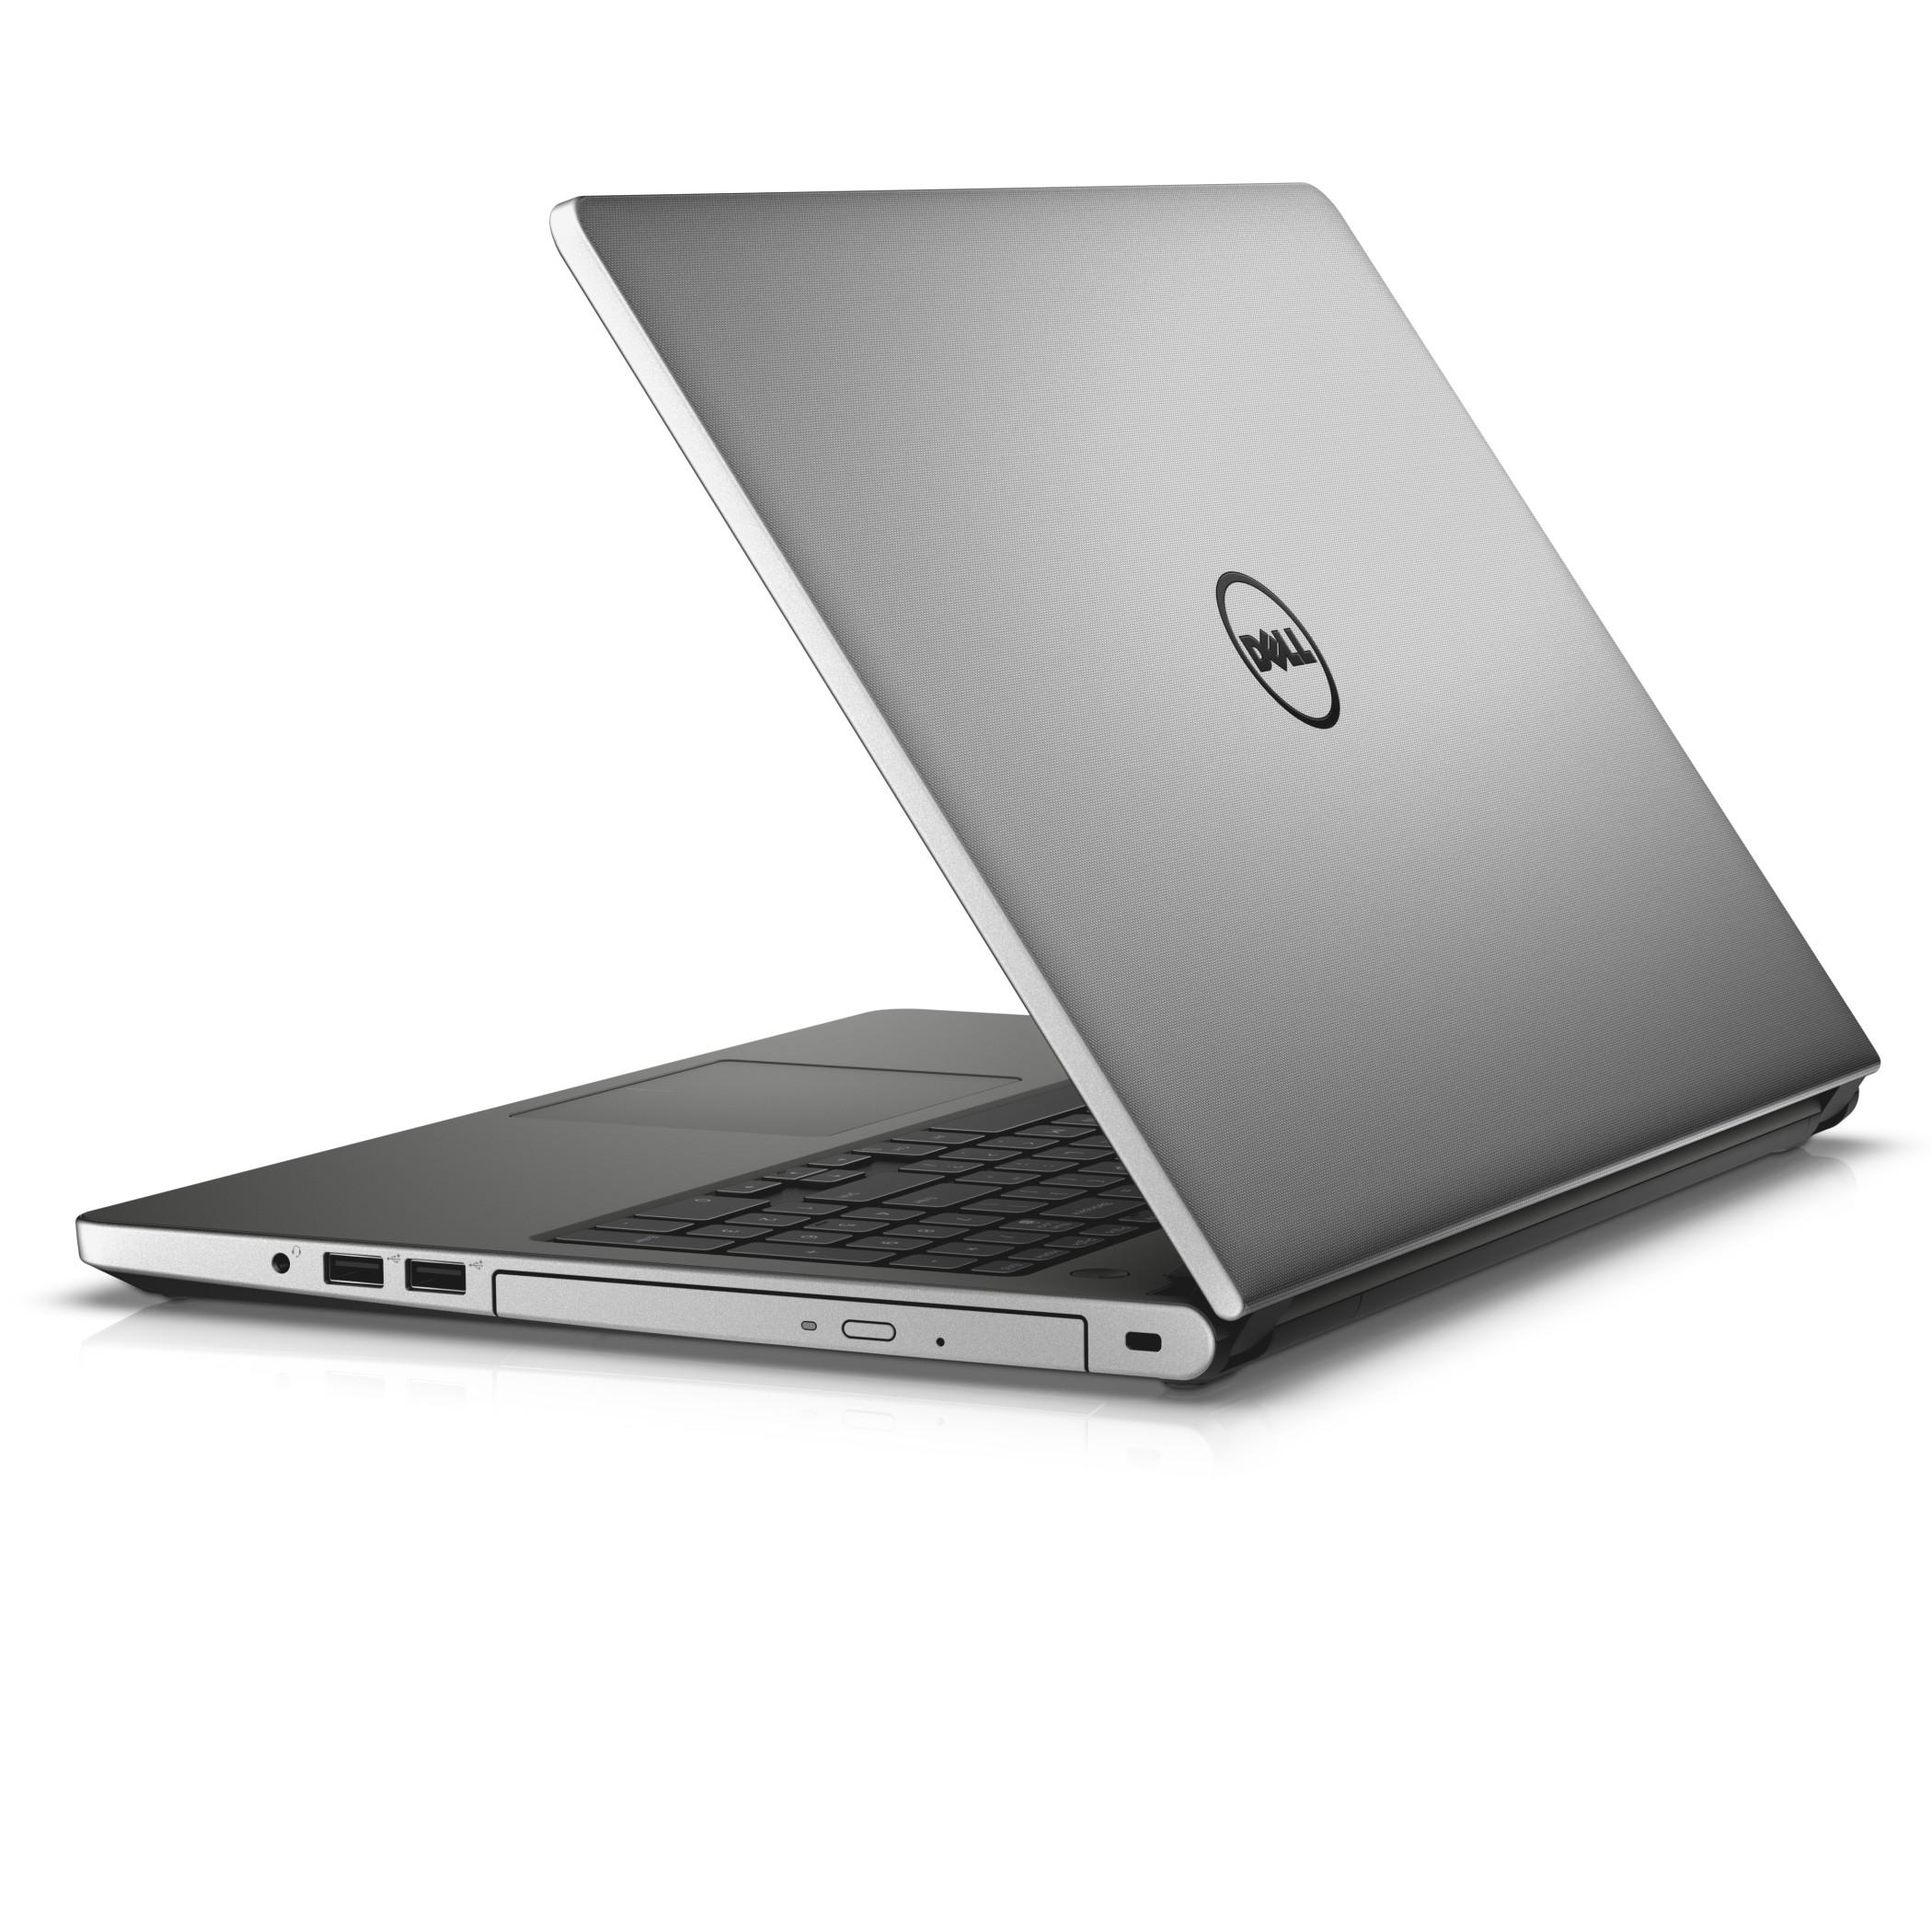 """Dell Inspiron 5558 15"""" HD/i3-5005U/4GB/1TB/HDMI/USB/RJ45/WIFI/BT/MCR/W10(64-bit)/2NBD/Stříbrný"""